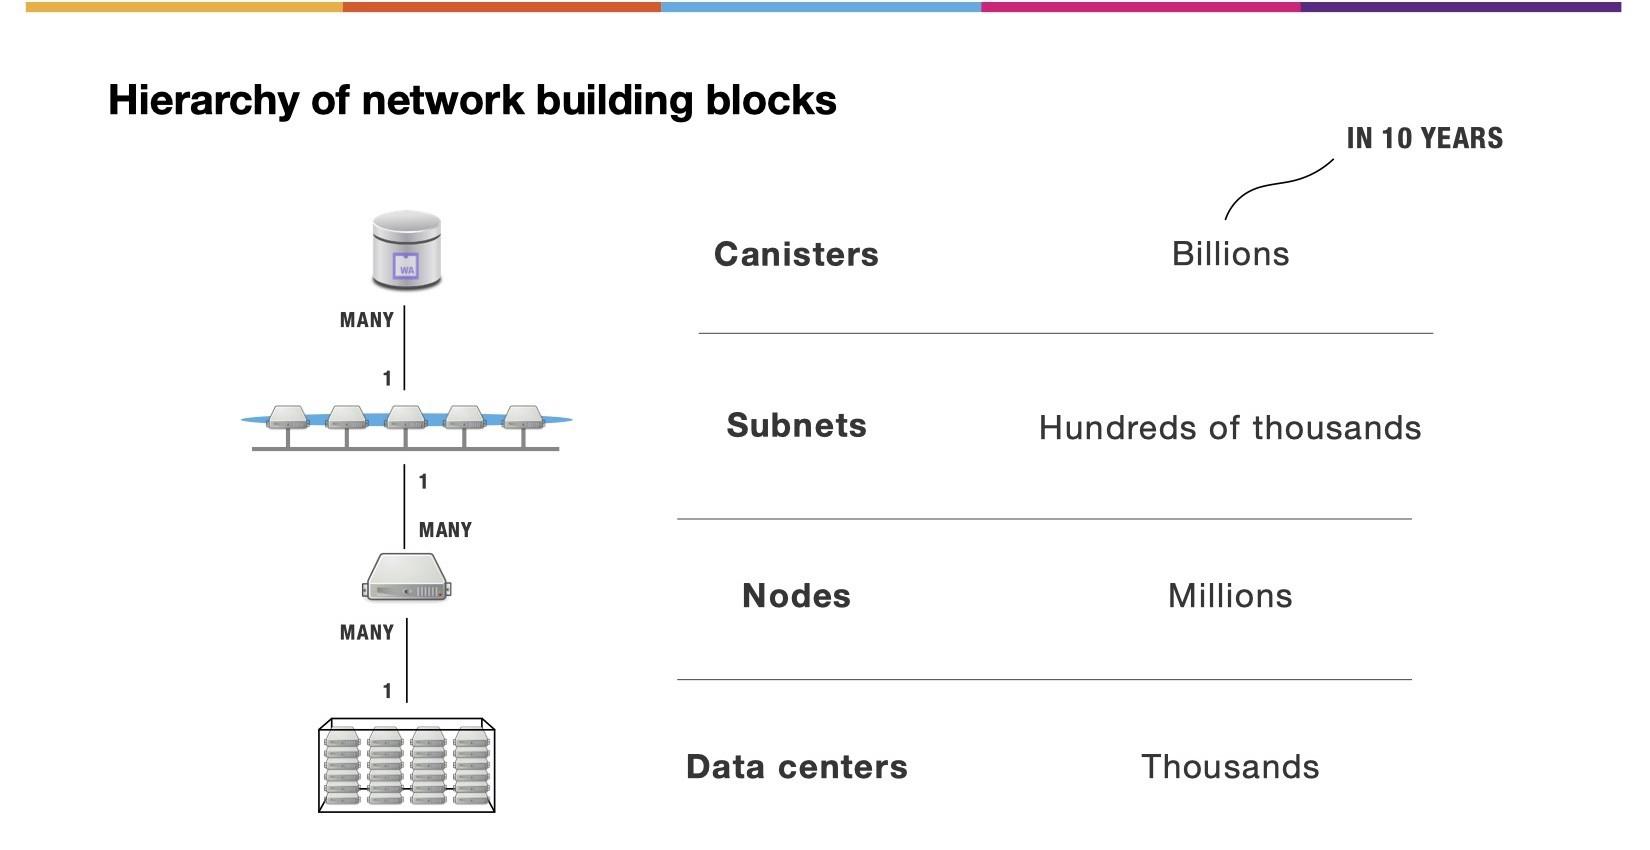 سلسله مراتب بلاکهای سازنده شبکه اینترنت کامپیوتر